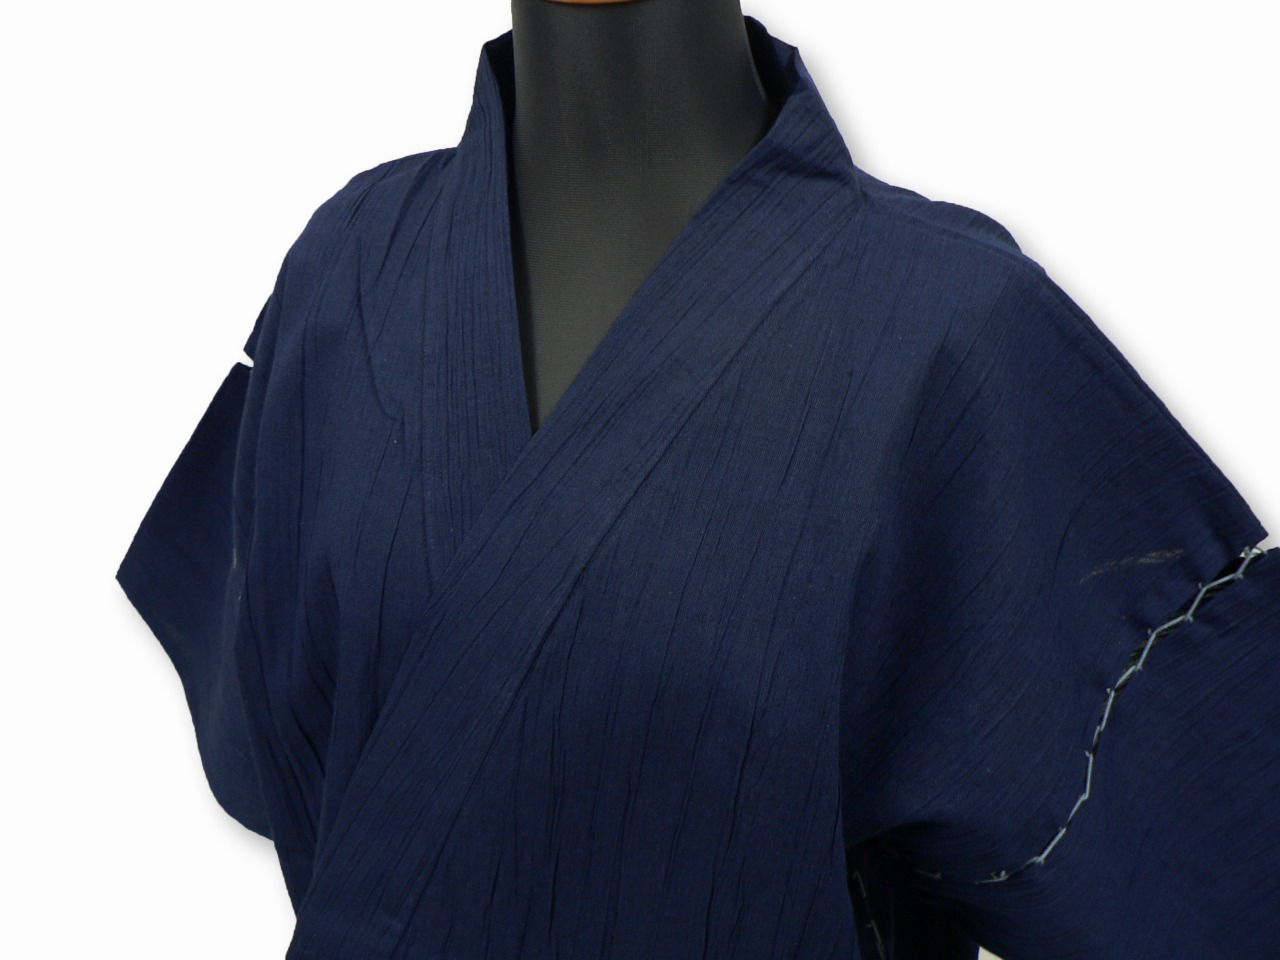 綿麻楊柳甚平(日本製) 濃紺 マネキン着用